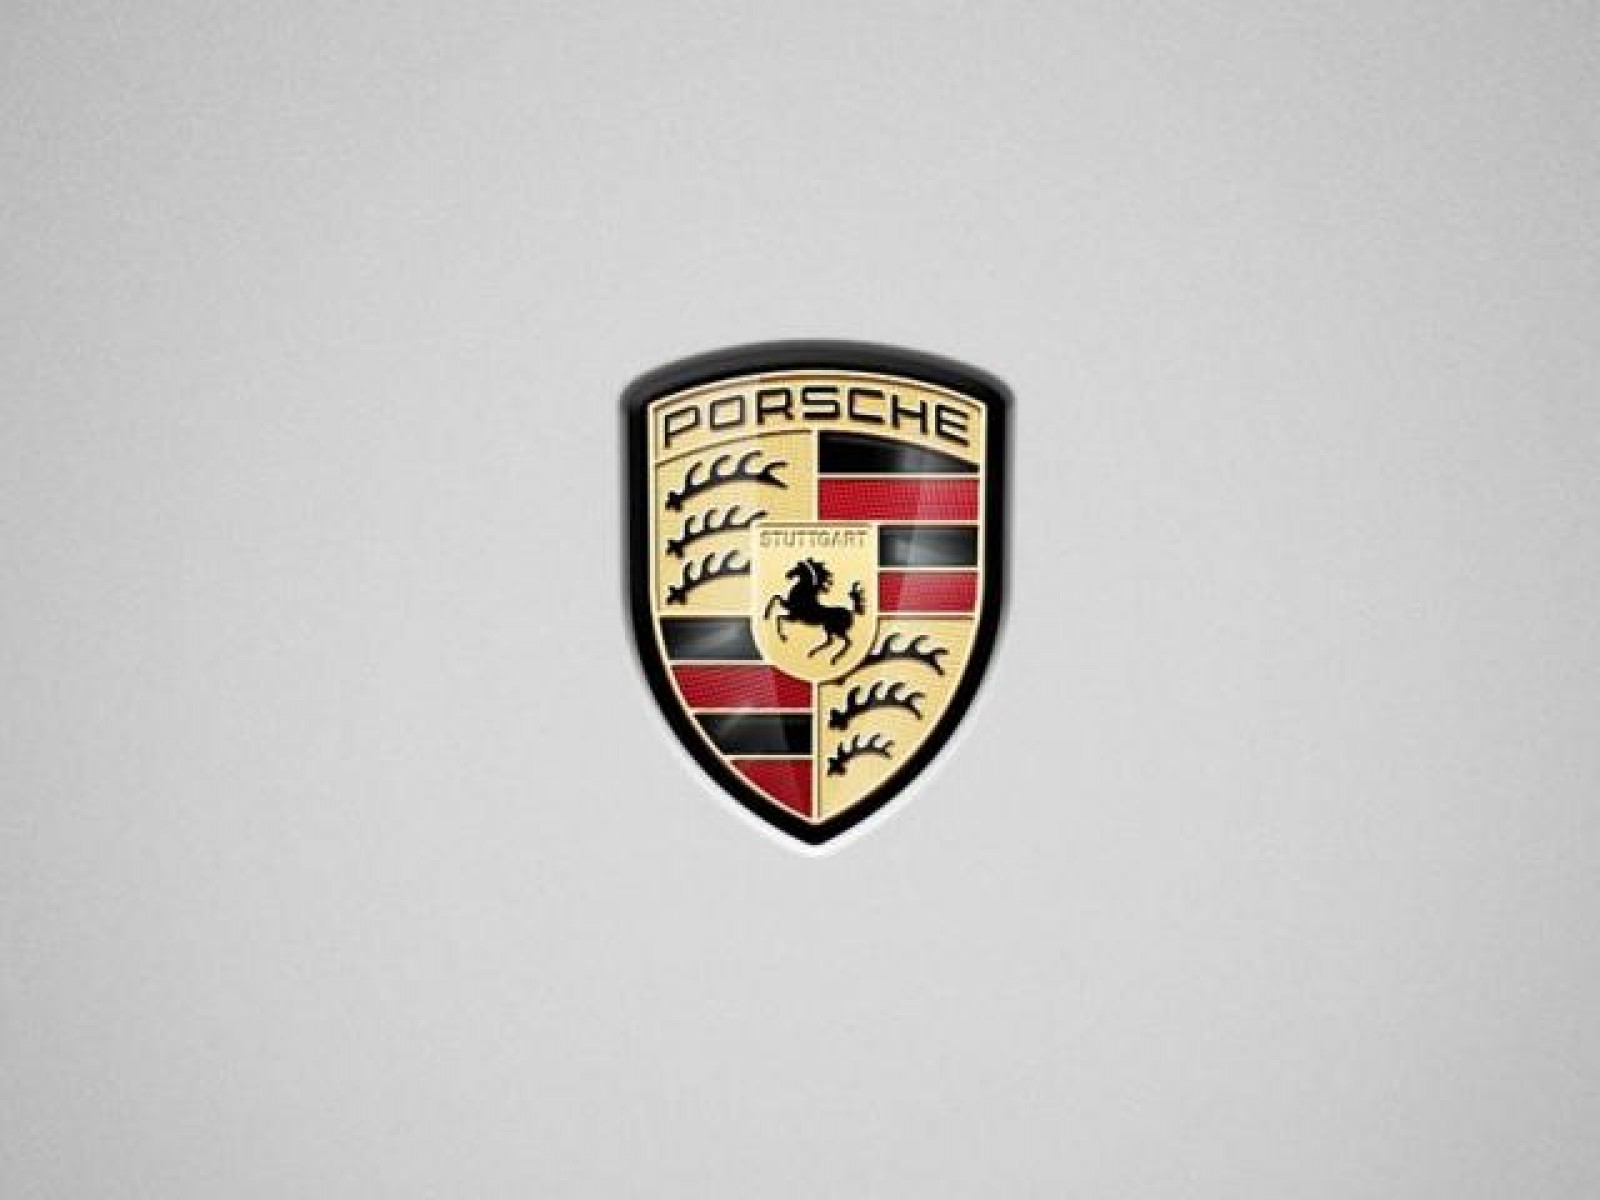 Porsche Logo Image Golfclub